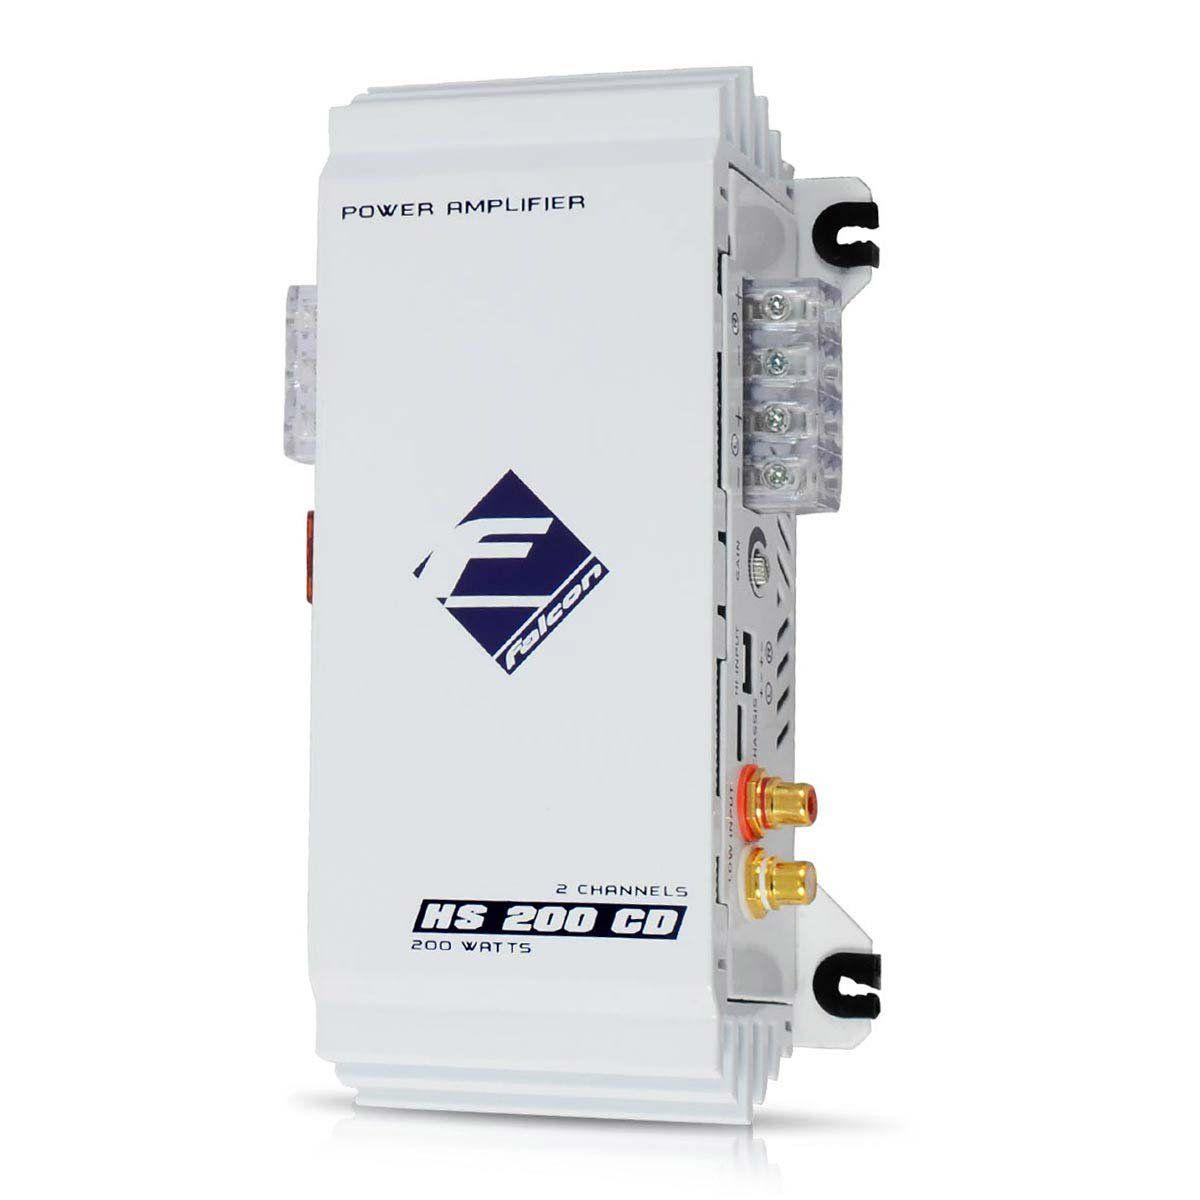 Módulo Amplificador Falcon 2 Canais (mp3/ipod) Hs200 Cd